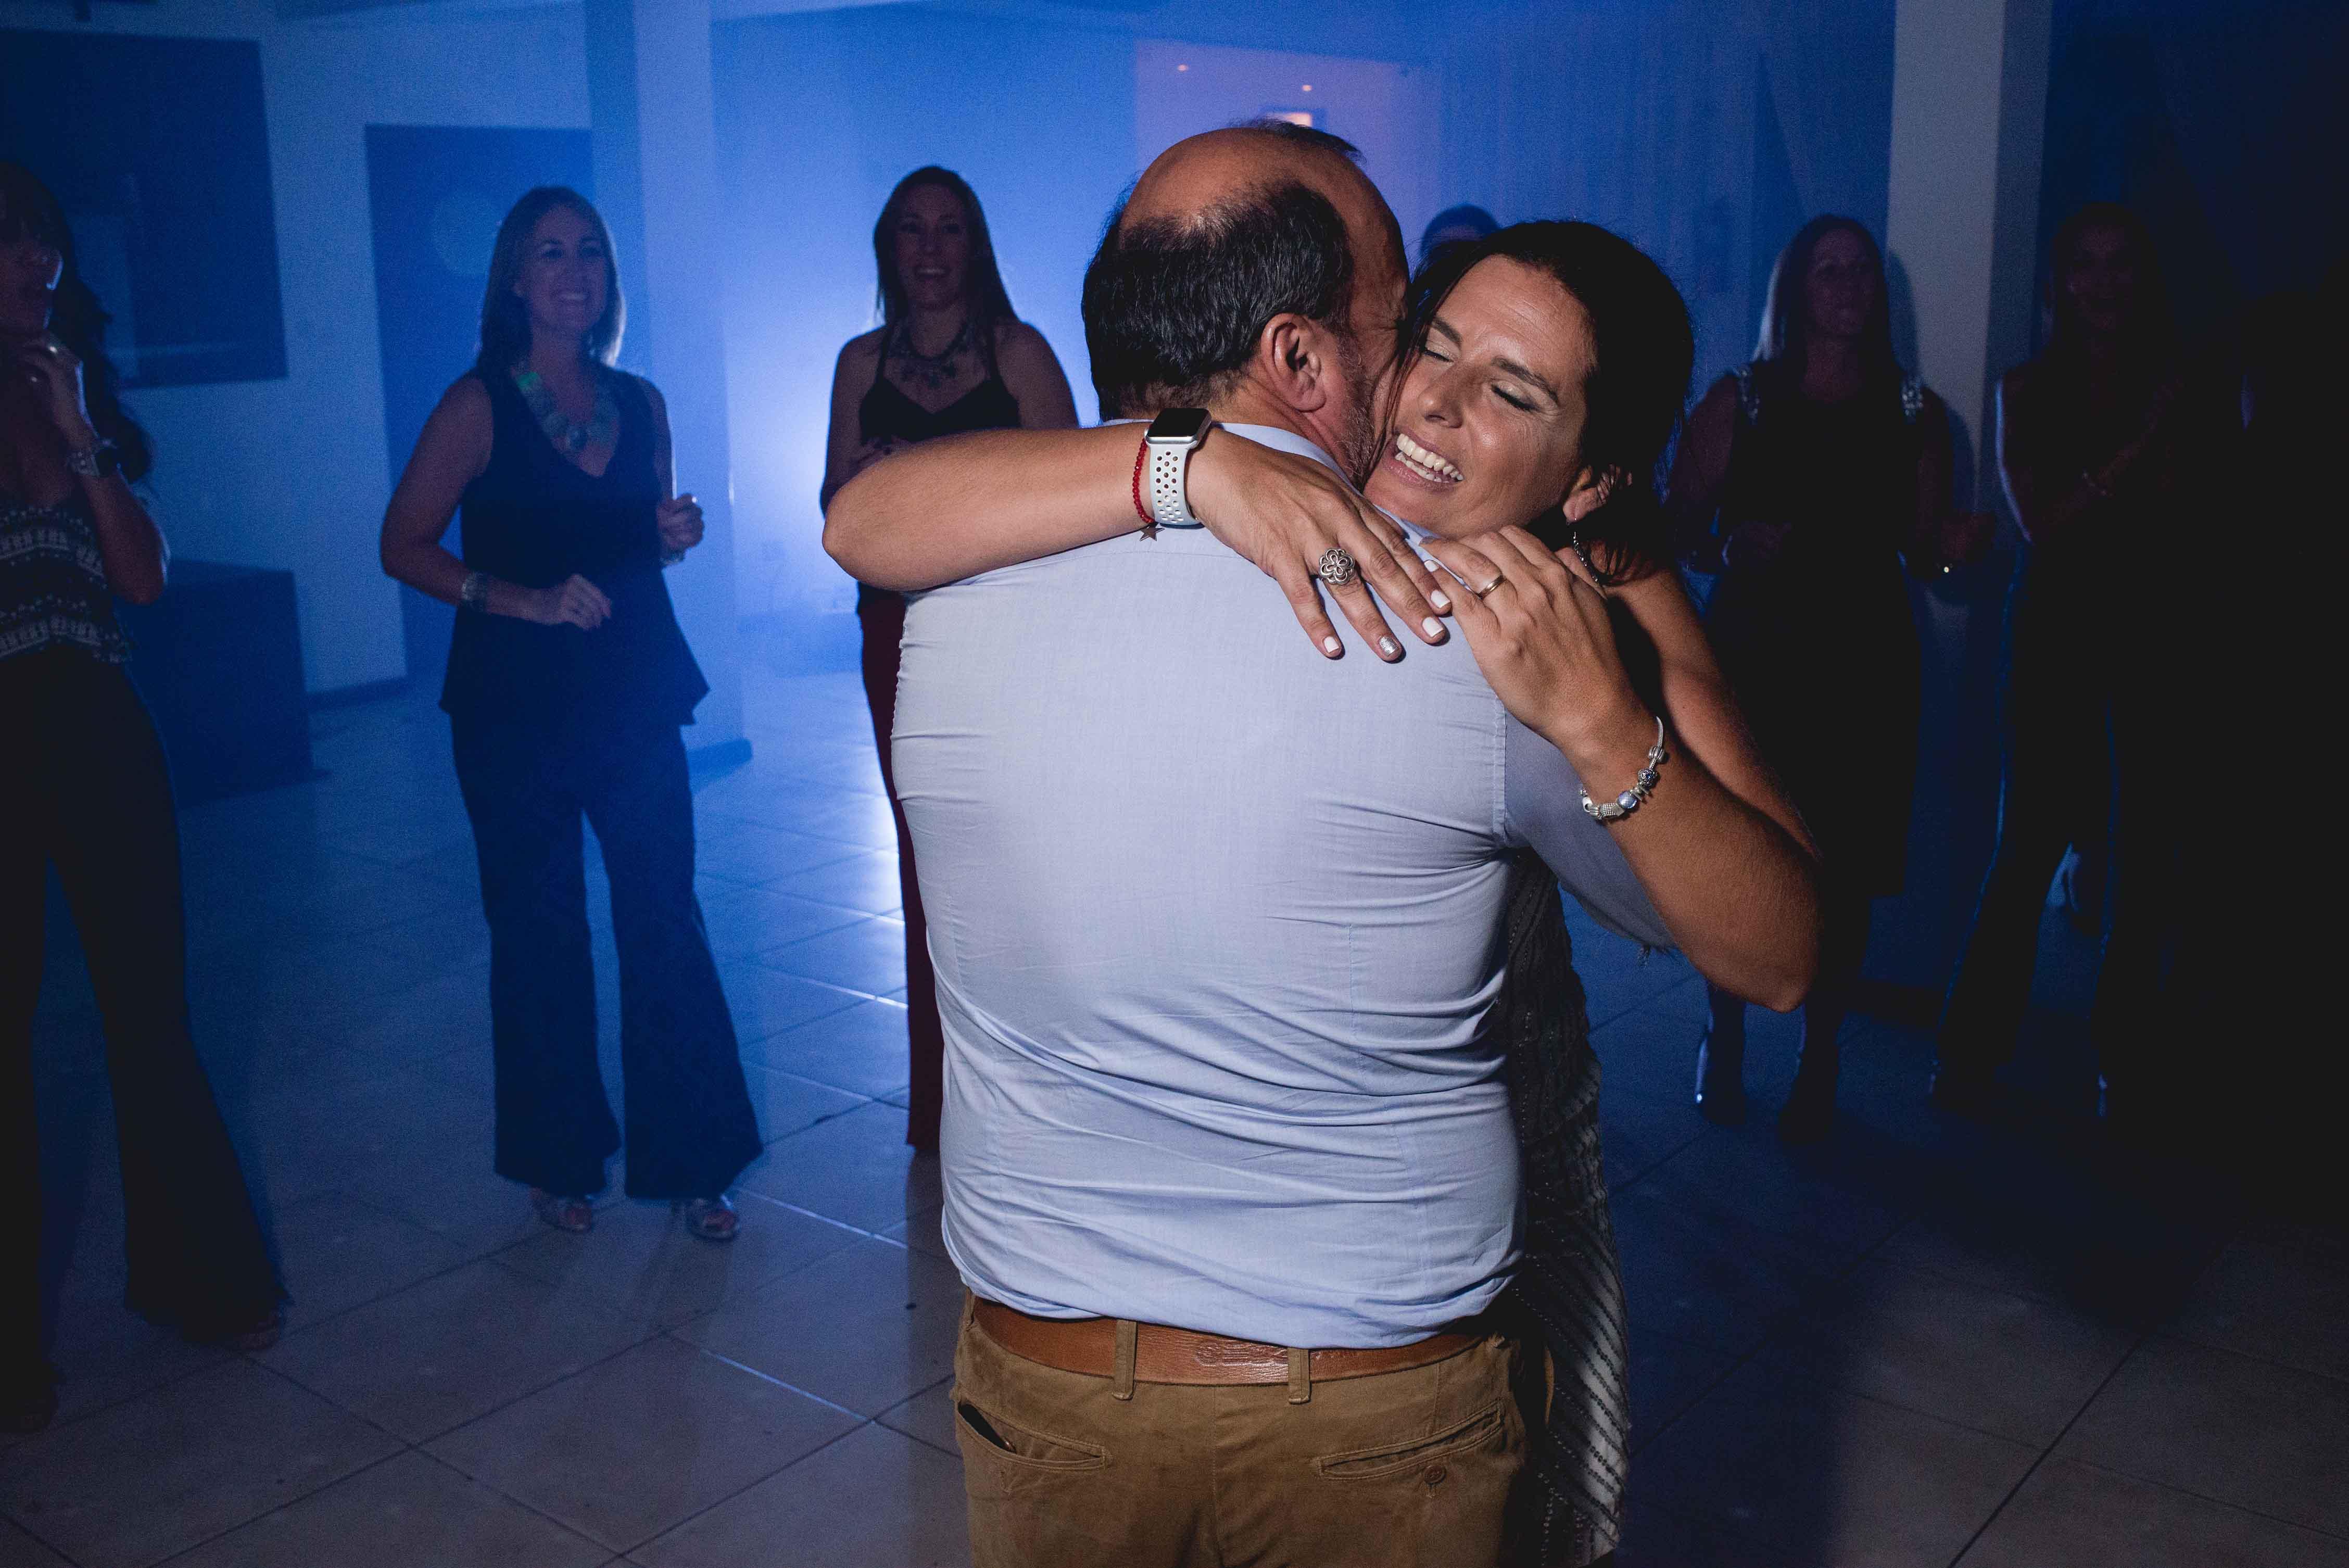 Fotos del cumpleaños de 40 de Jorgelina en Rosario realizadas por Bucle Fotografias Flor Bosio y Caro Clerici